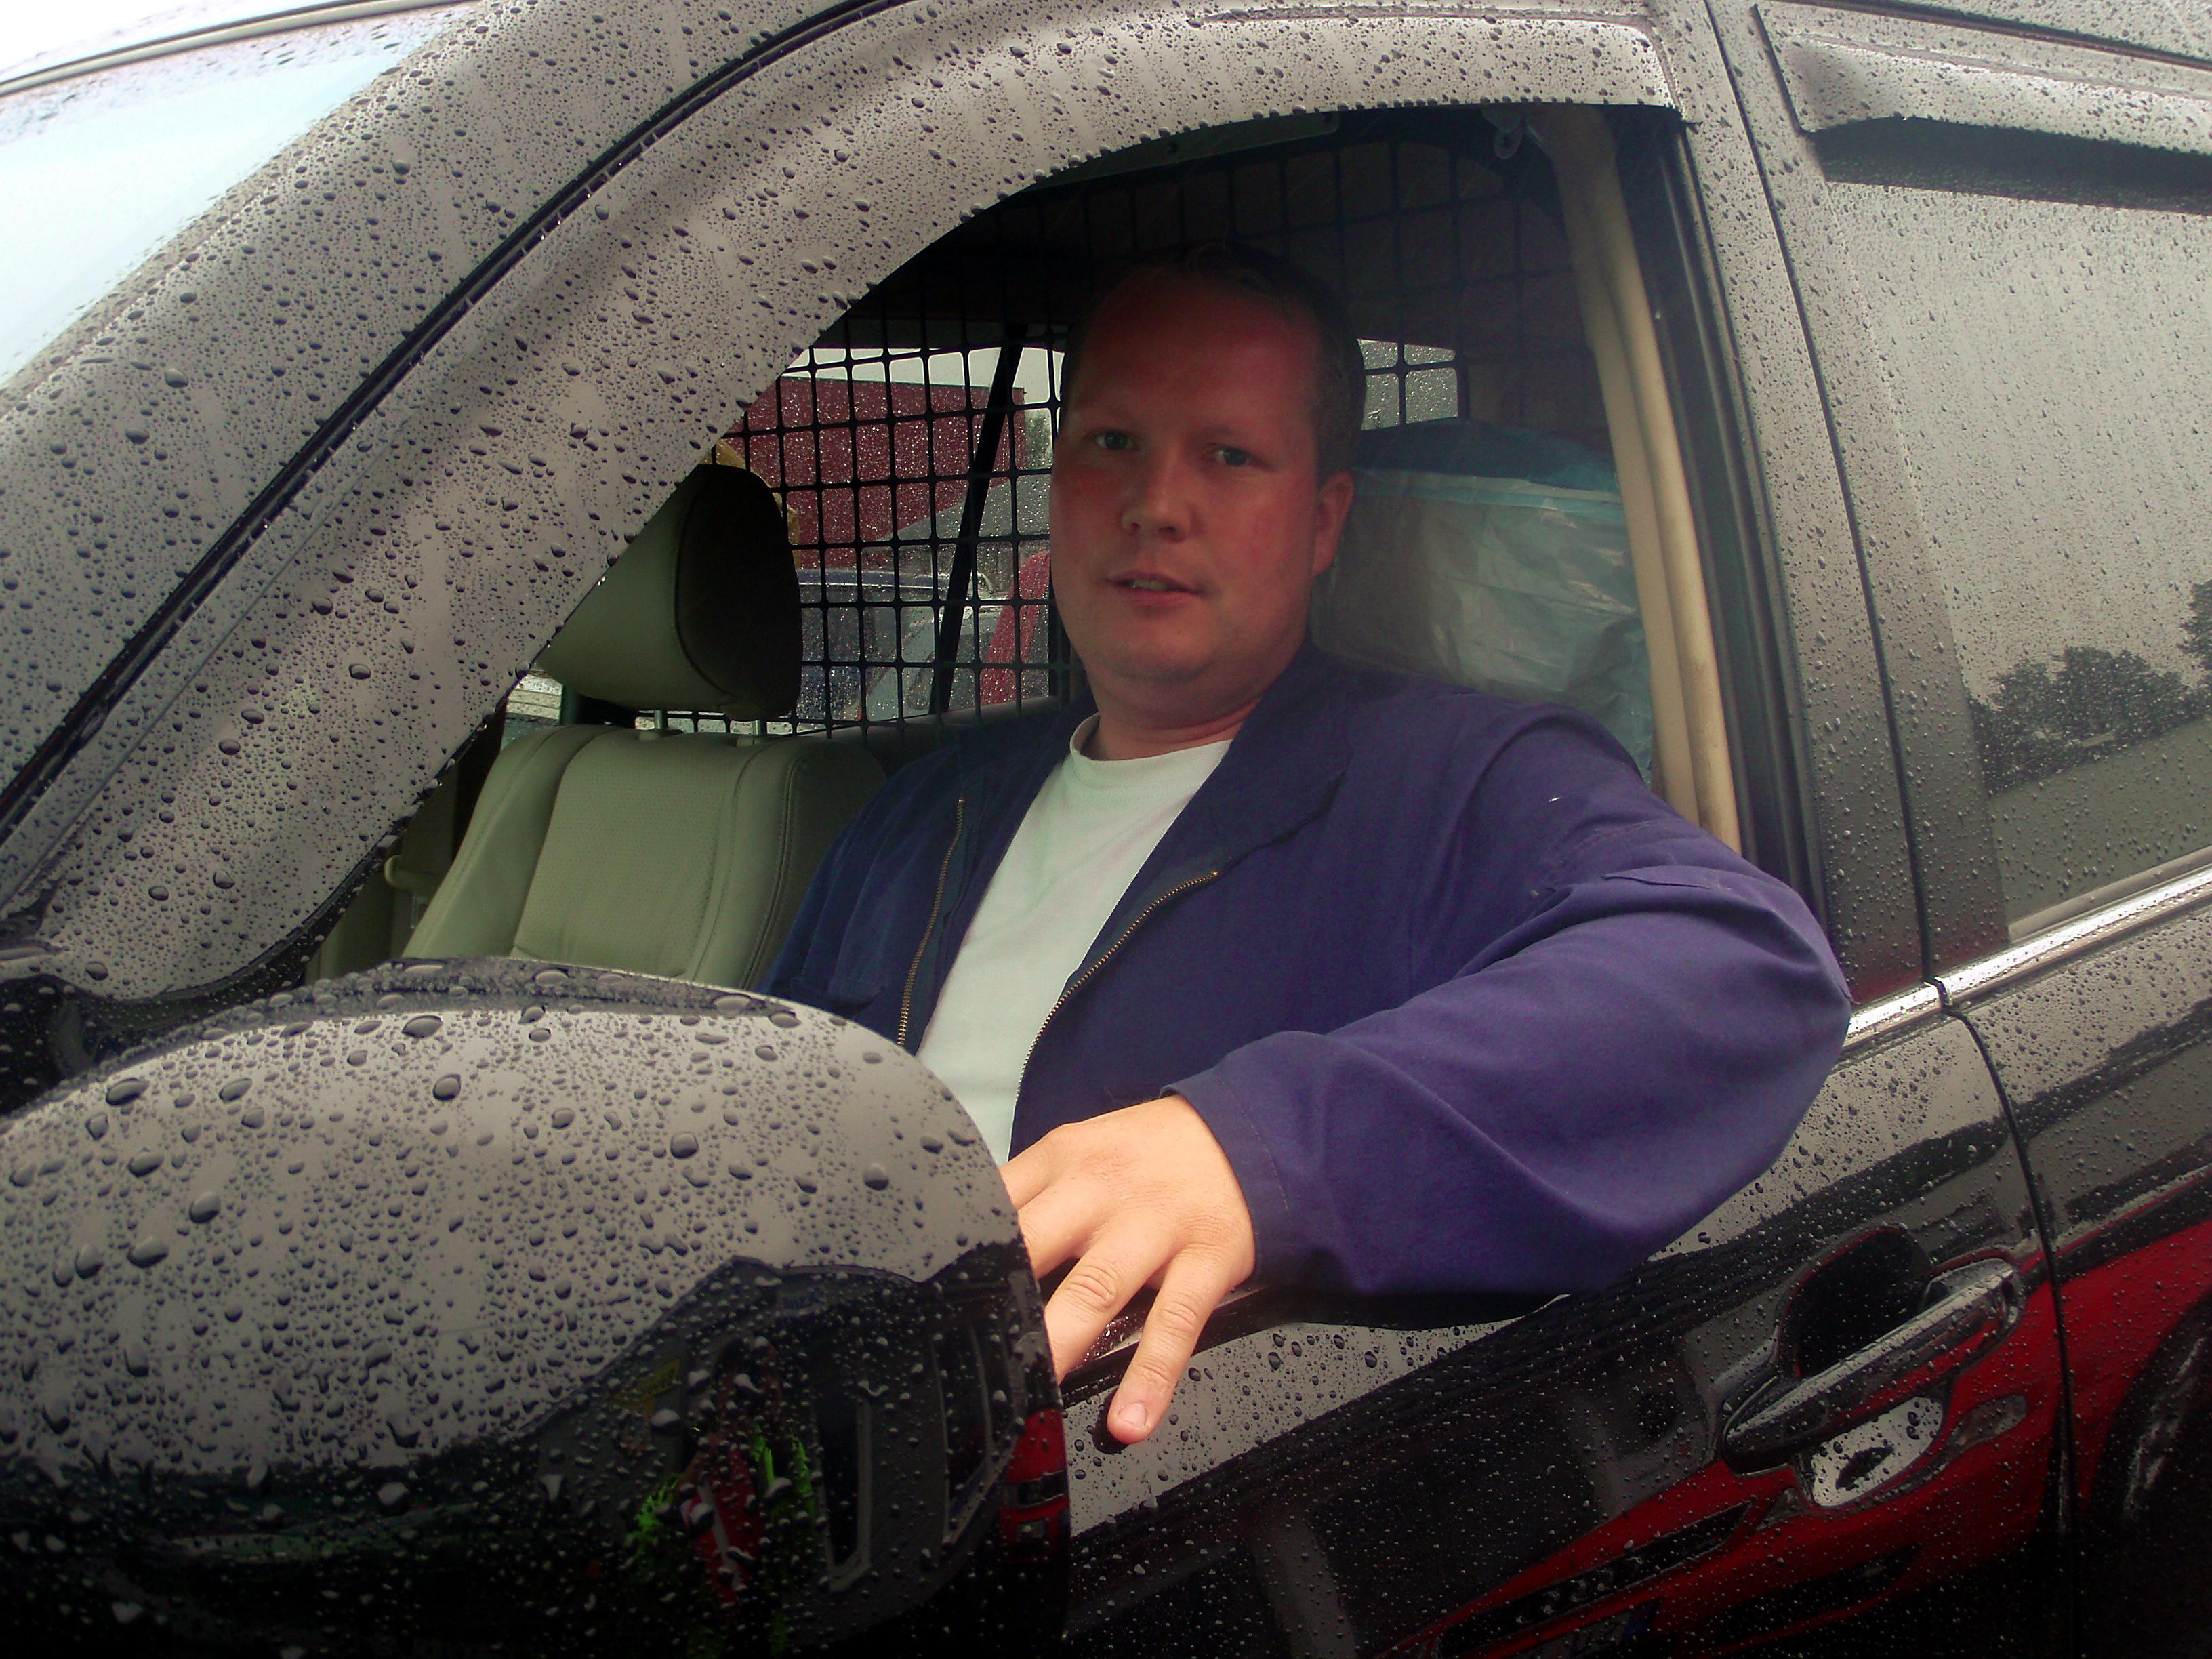 Anklager bil-Olsen for ulovlig lagring - Agderposten